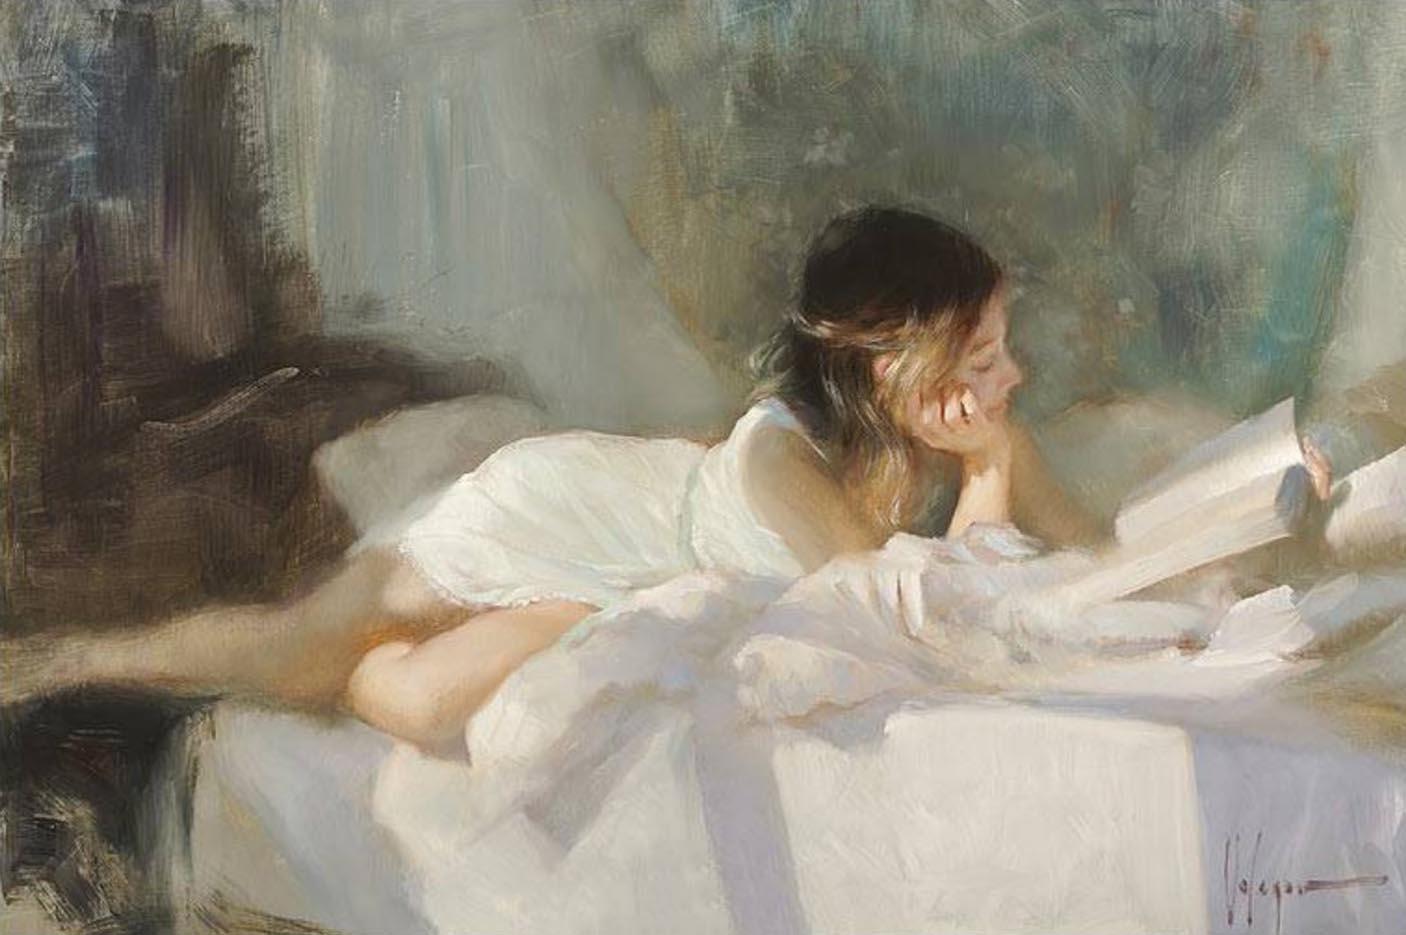 """Владимир Волегов (Vladimir Volegov) """"Morning novel"""""""